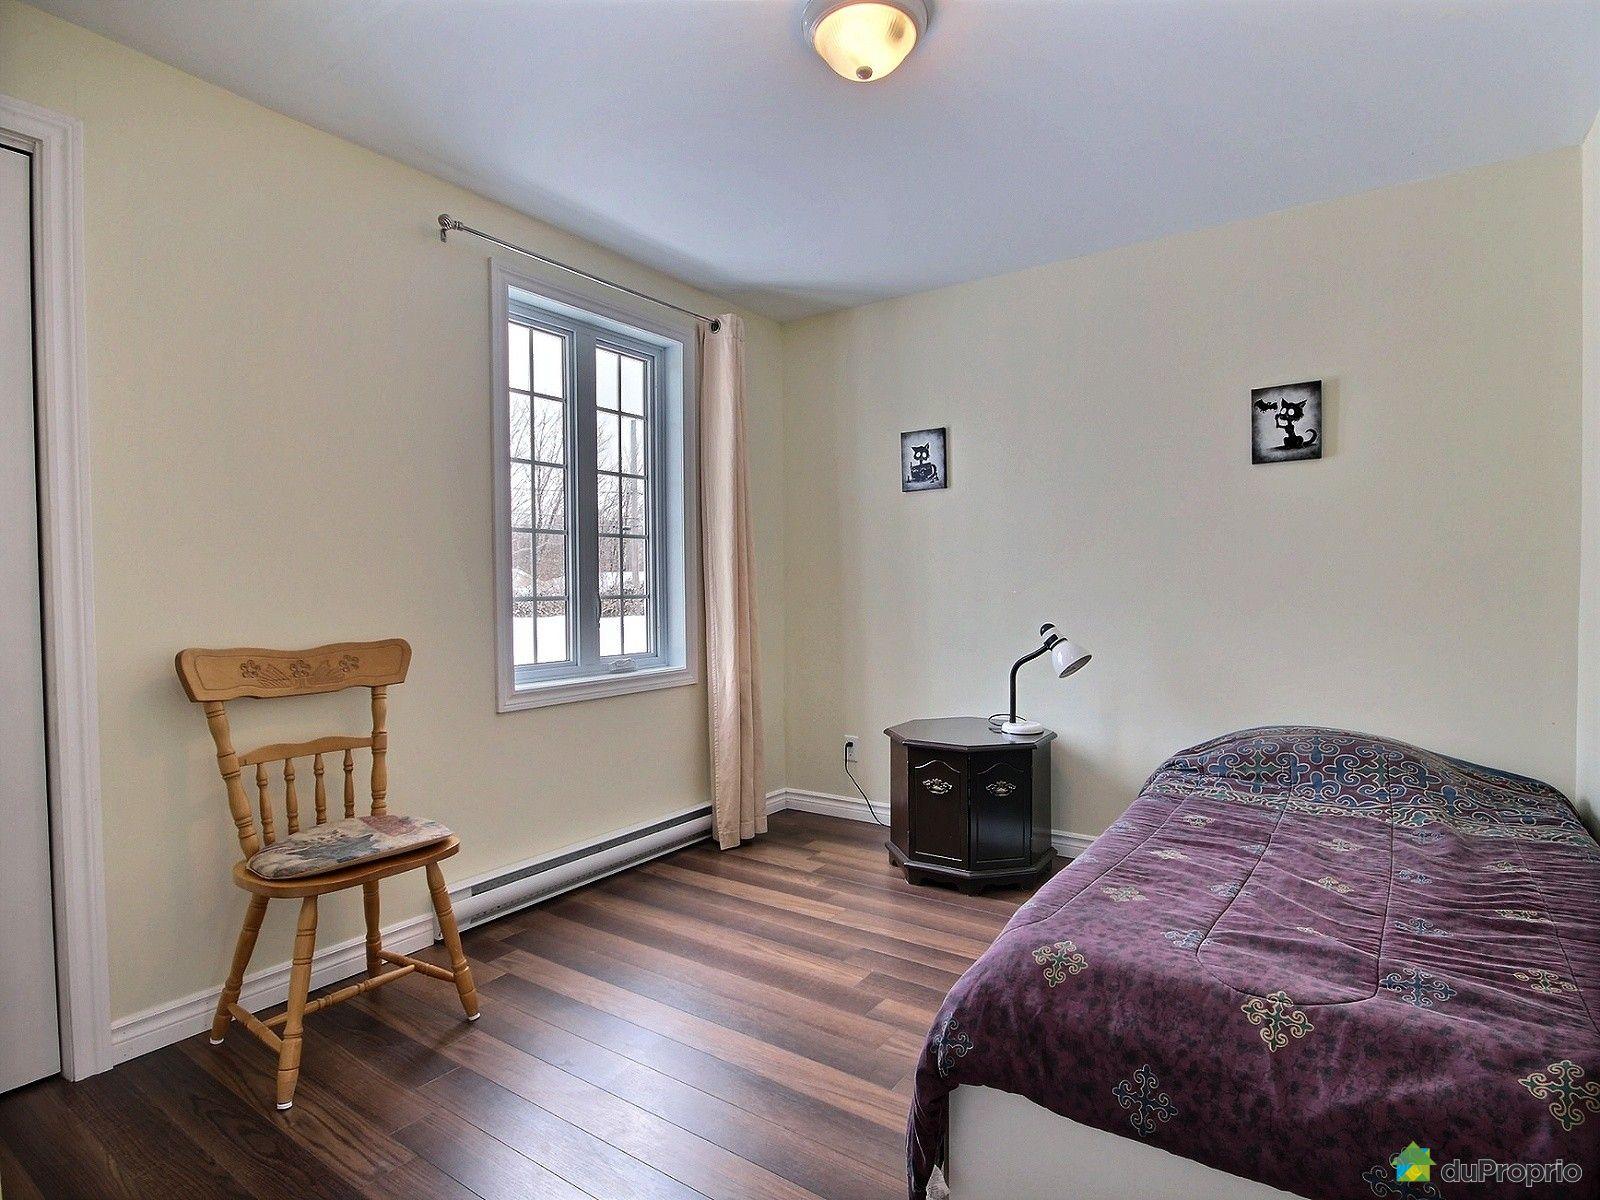 Maison vendre cap sant 32 rue noreau immobilier for Maison unimodulaire prix